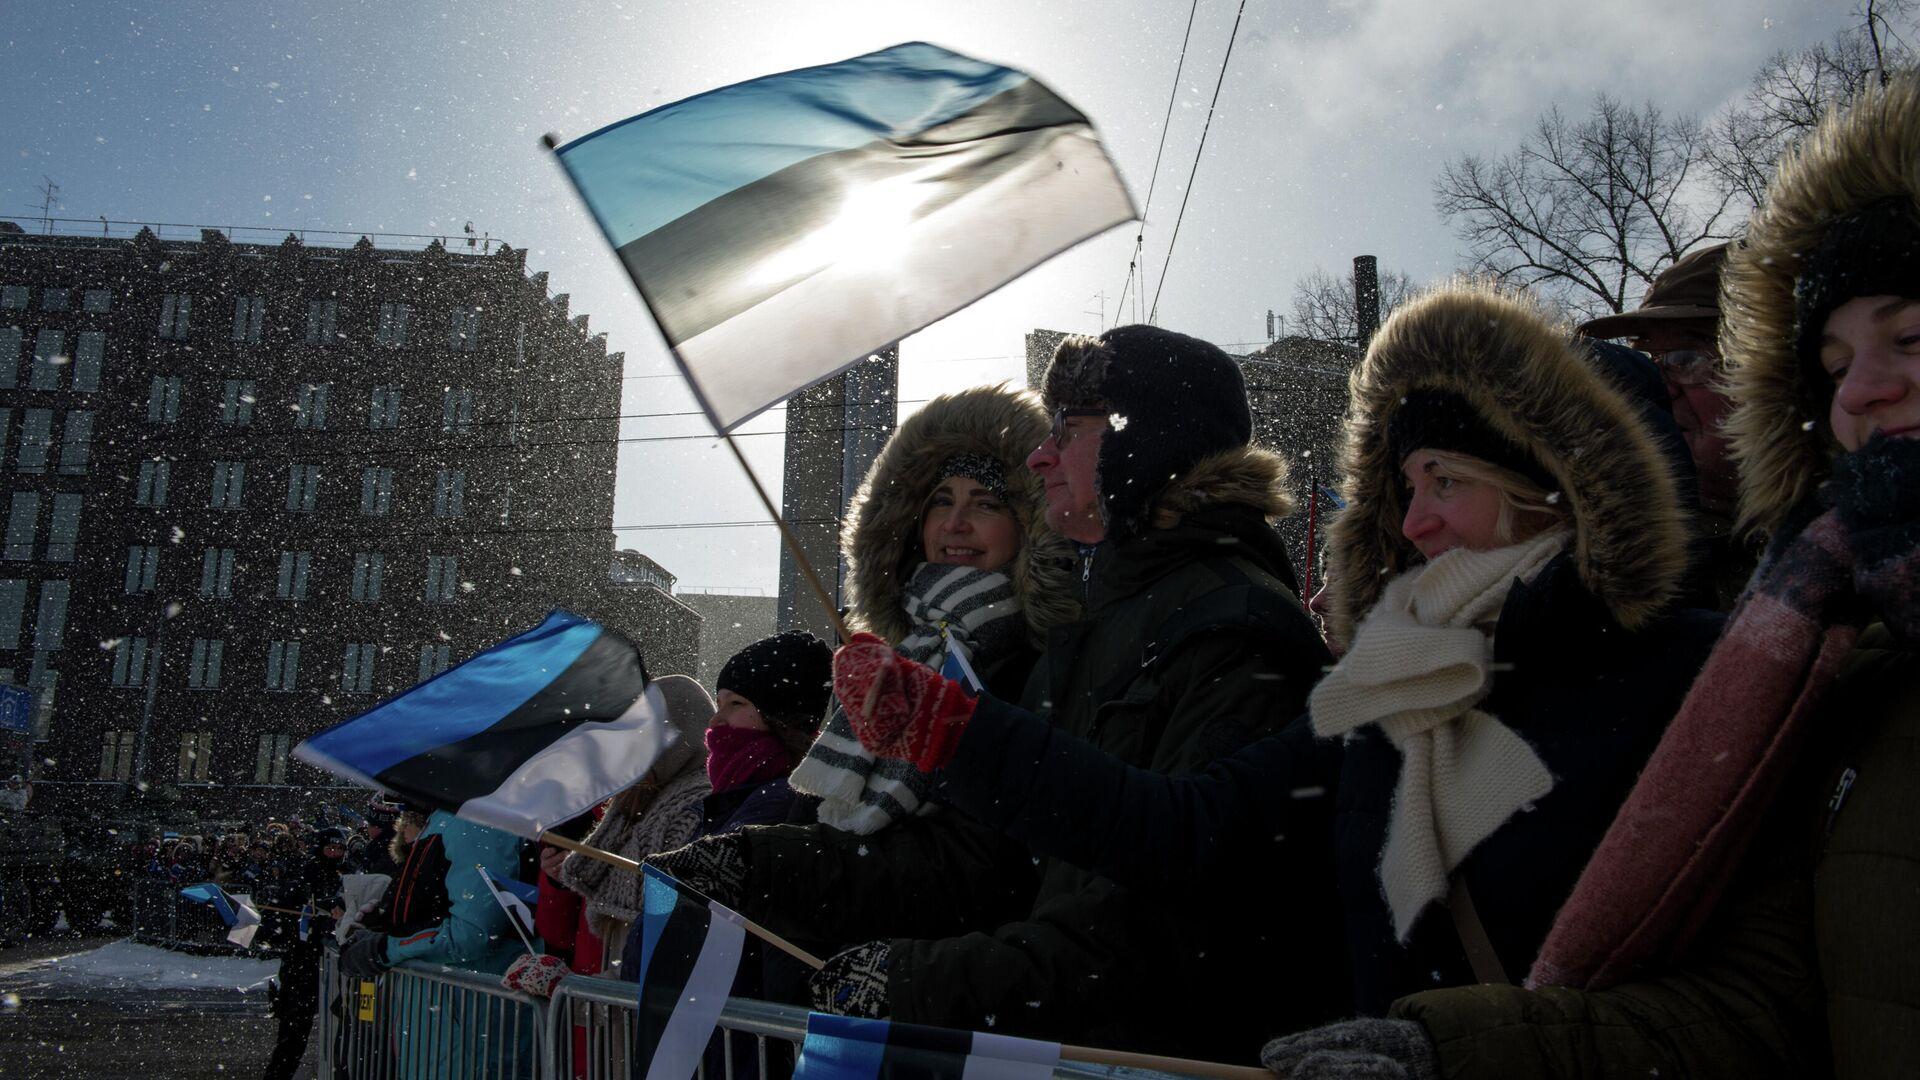 Люди во время парада по случаю Дня независимости Эстонии в Таллине - РИА Новости, 1920, 12.01.2021